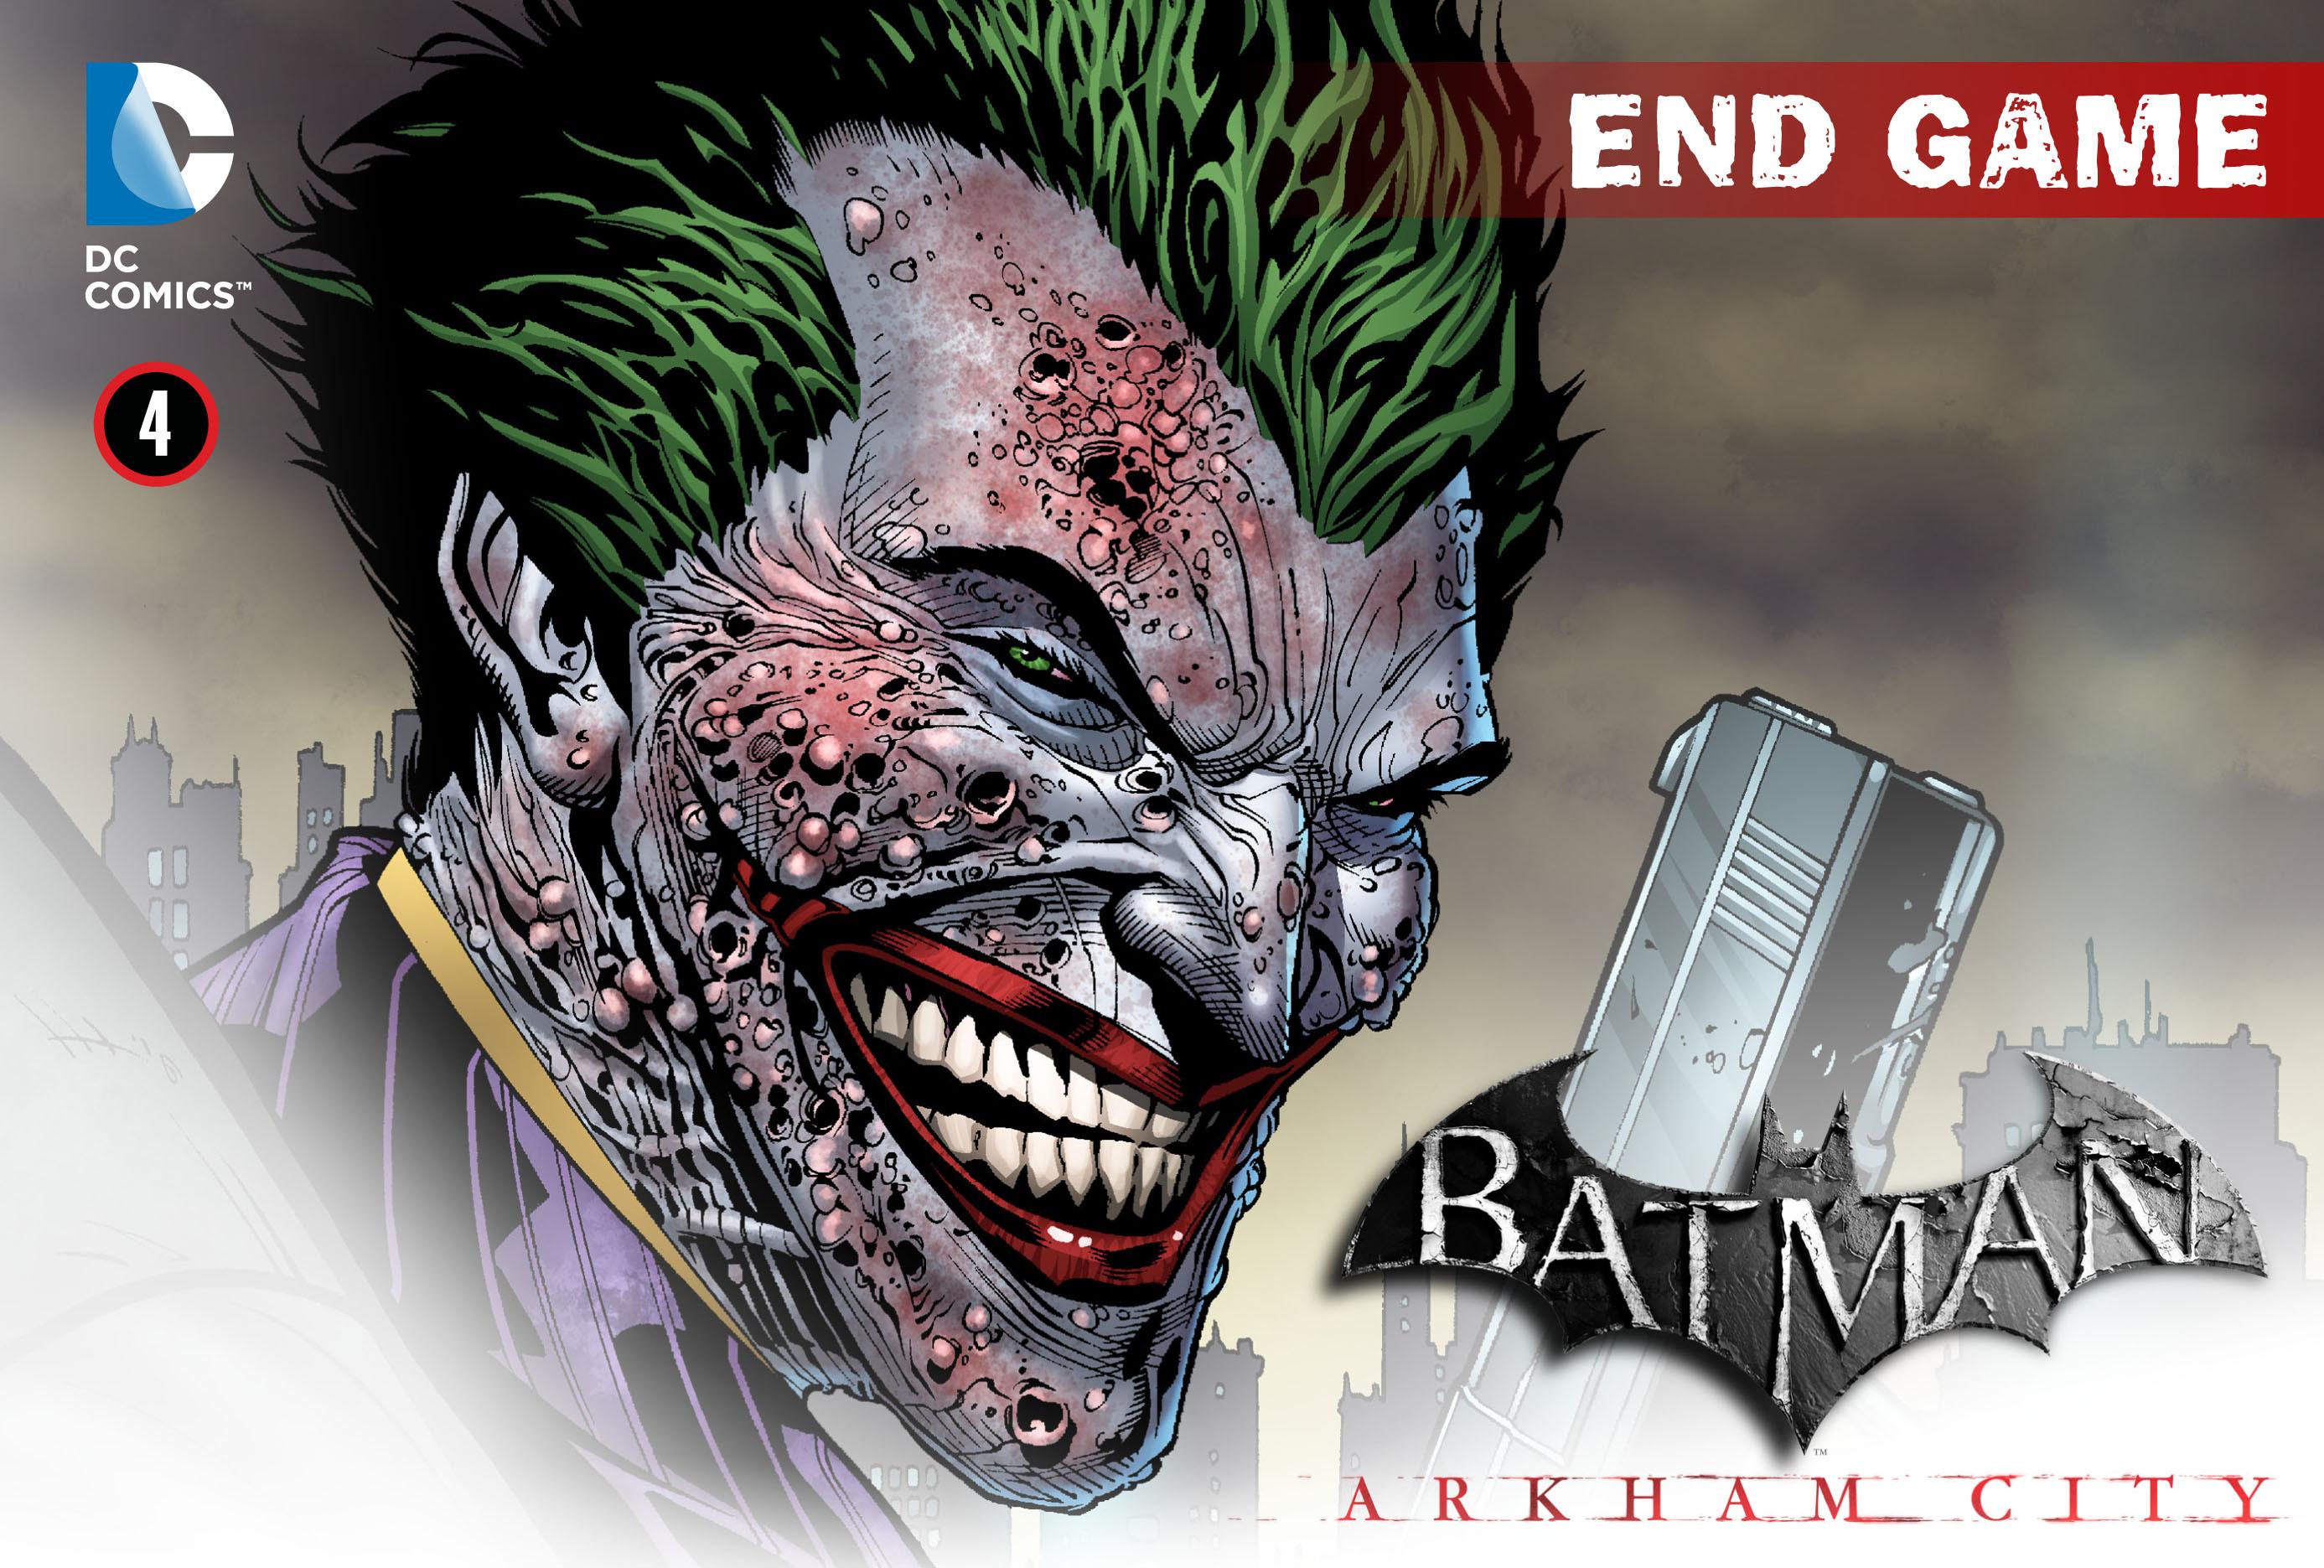 Batman: Arkham City: End Game 4 Page 1